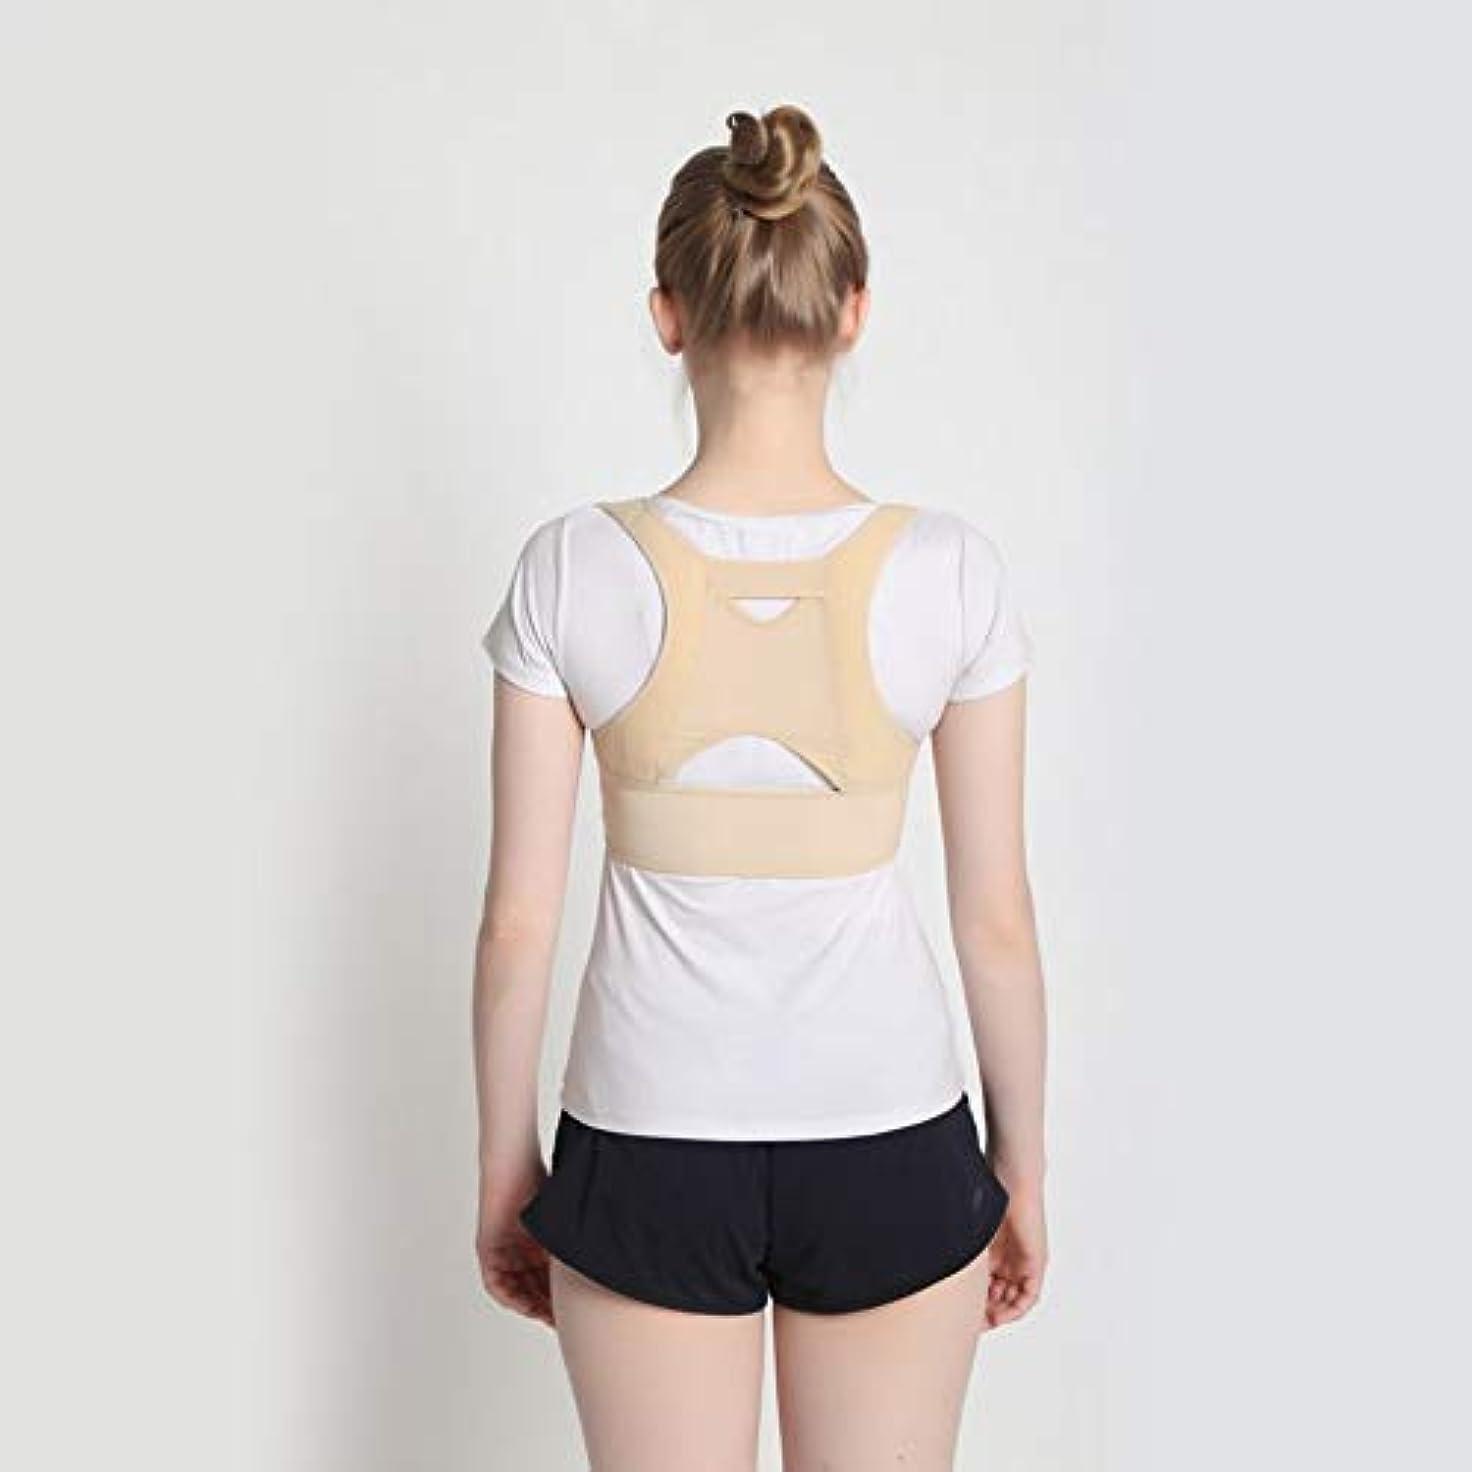 拒絶バラバラにする削る通気性のある女性の背中の姿勢矯正コルセット整形外科の肩の背骨の背骨の姿勢矯正腰椎サポート